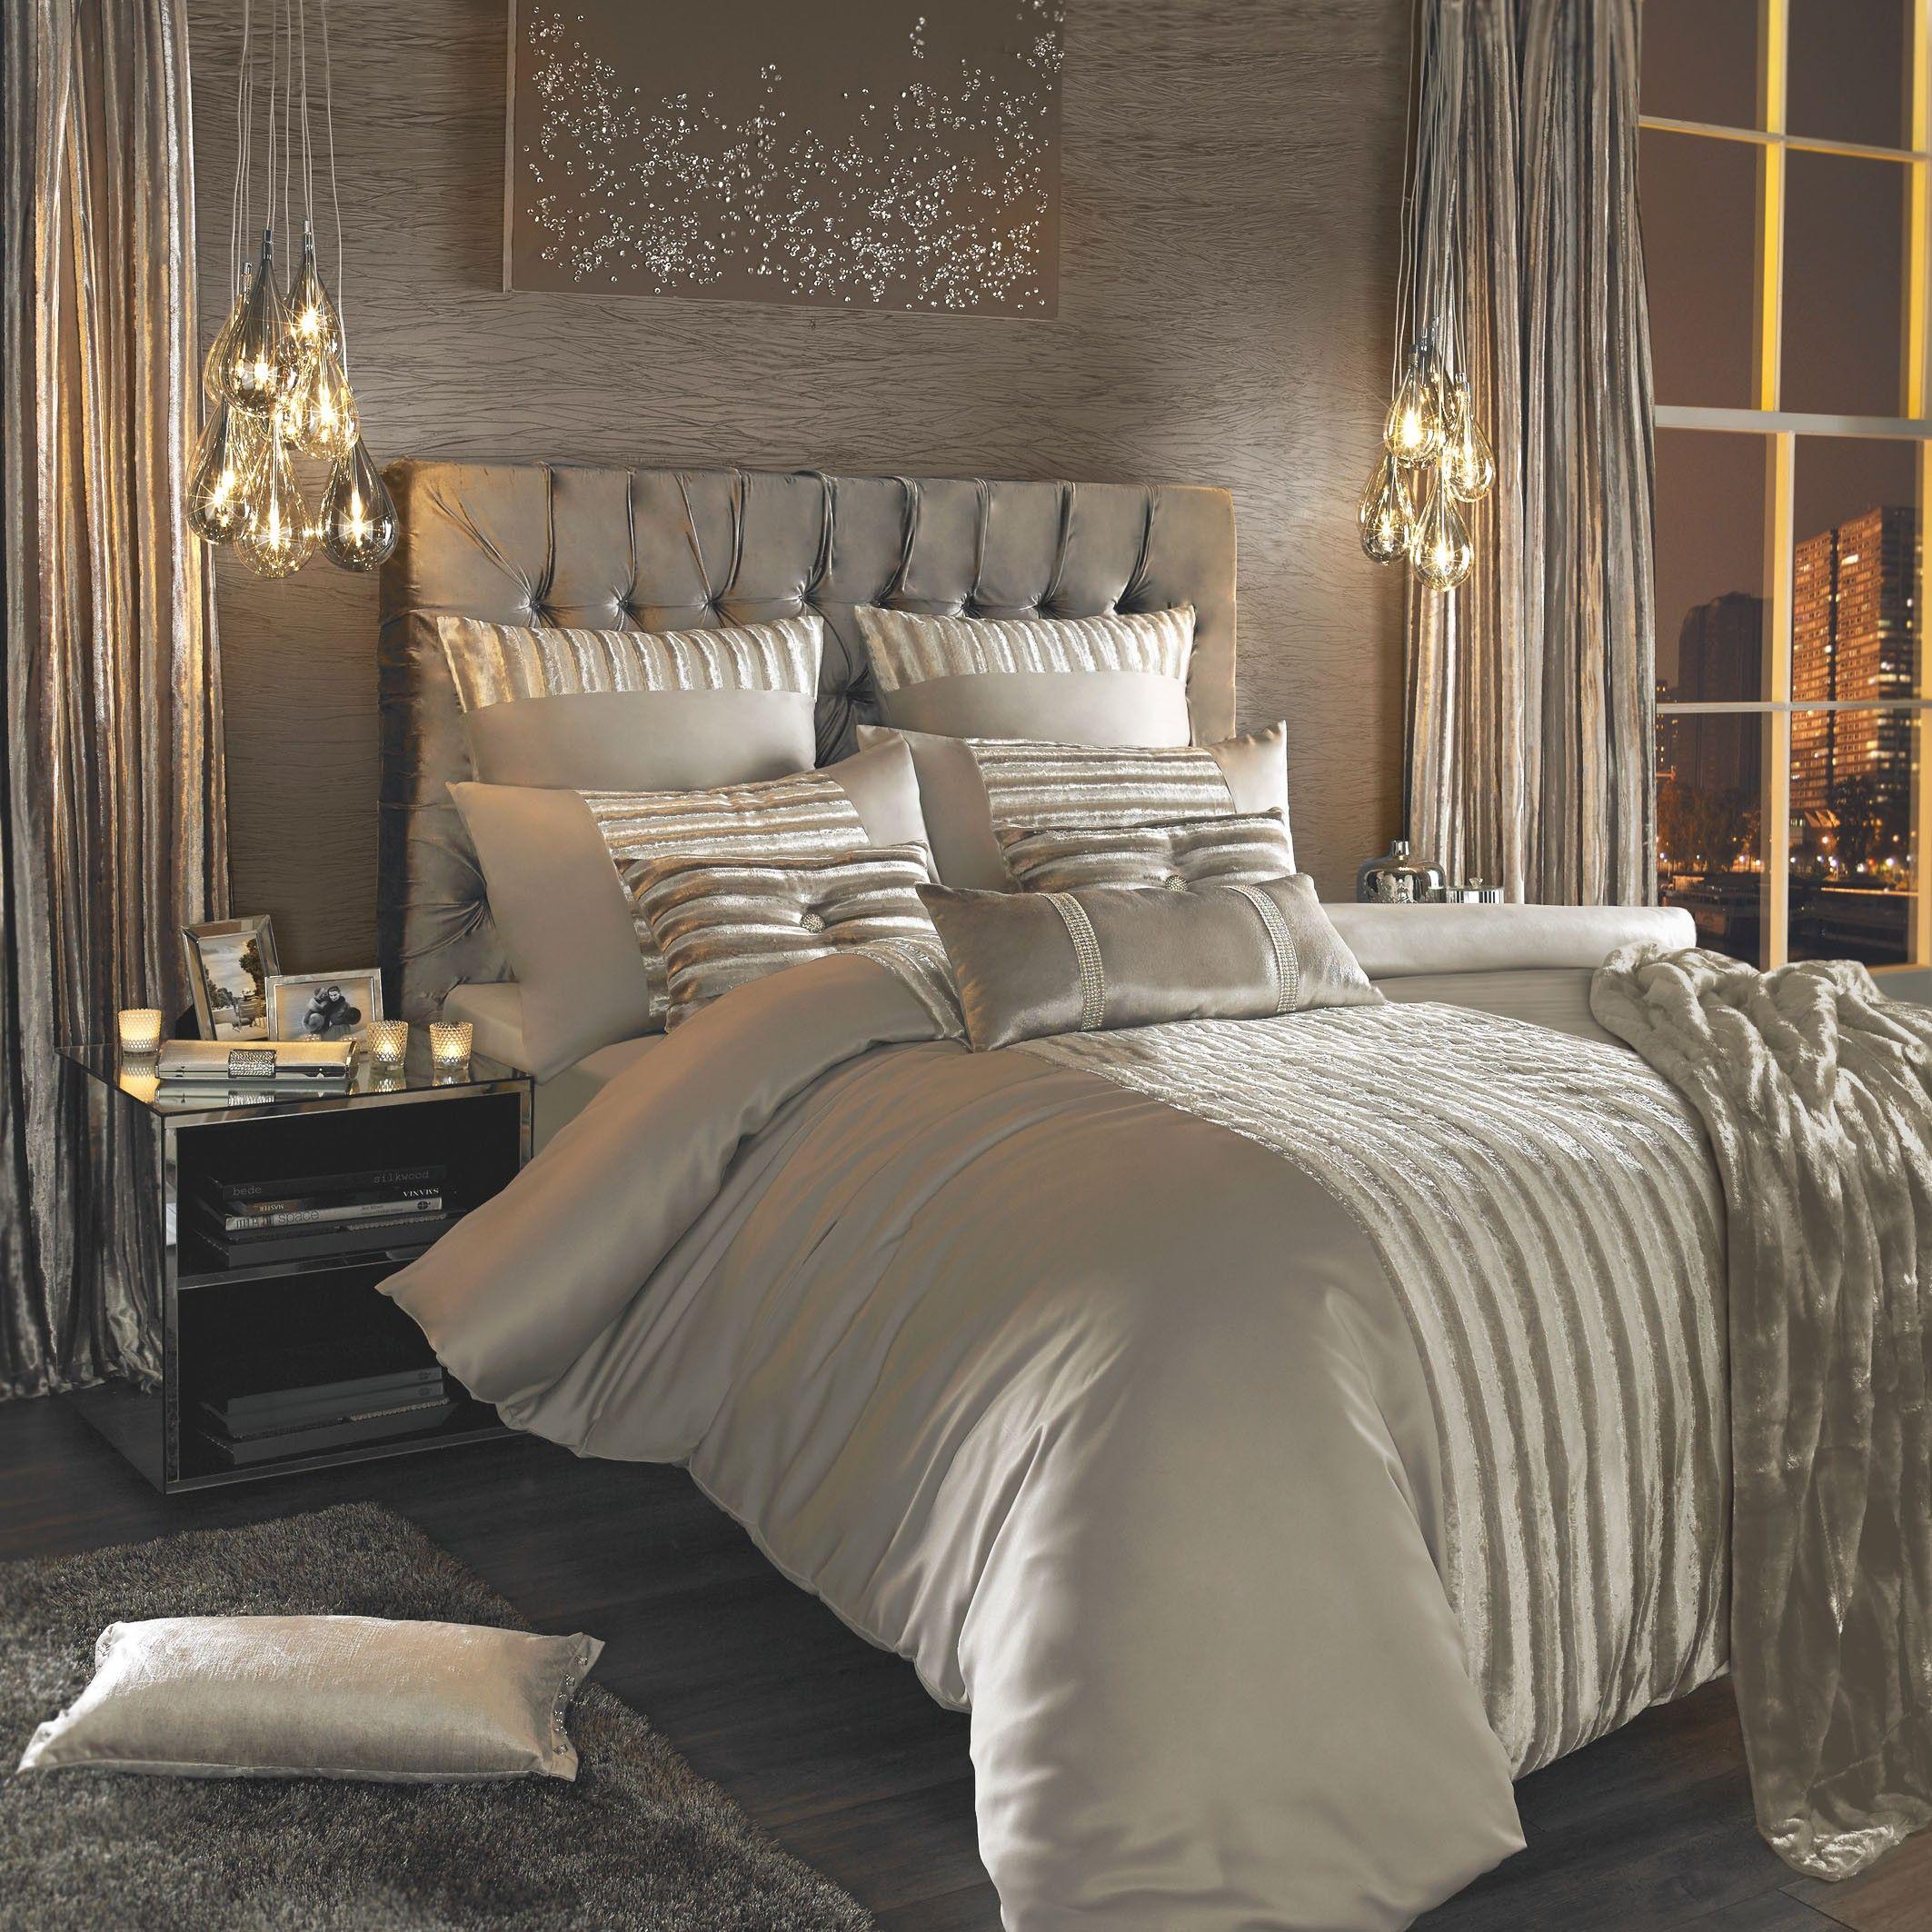 Kylie Minogue Lucette Praline | Bed Linen | Pinterest | Kylie ... : kylie quilt covers - Adamdwight.com